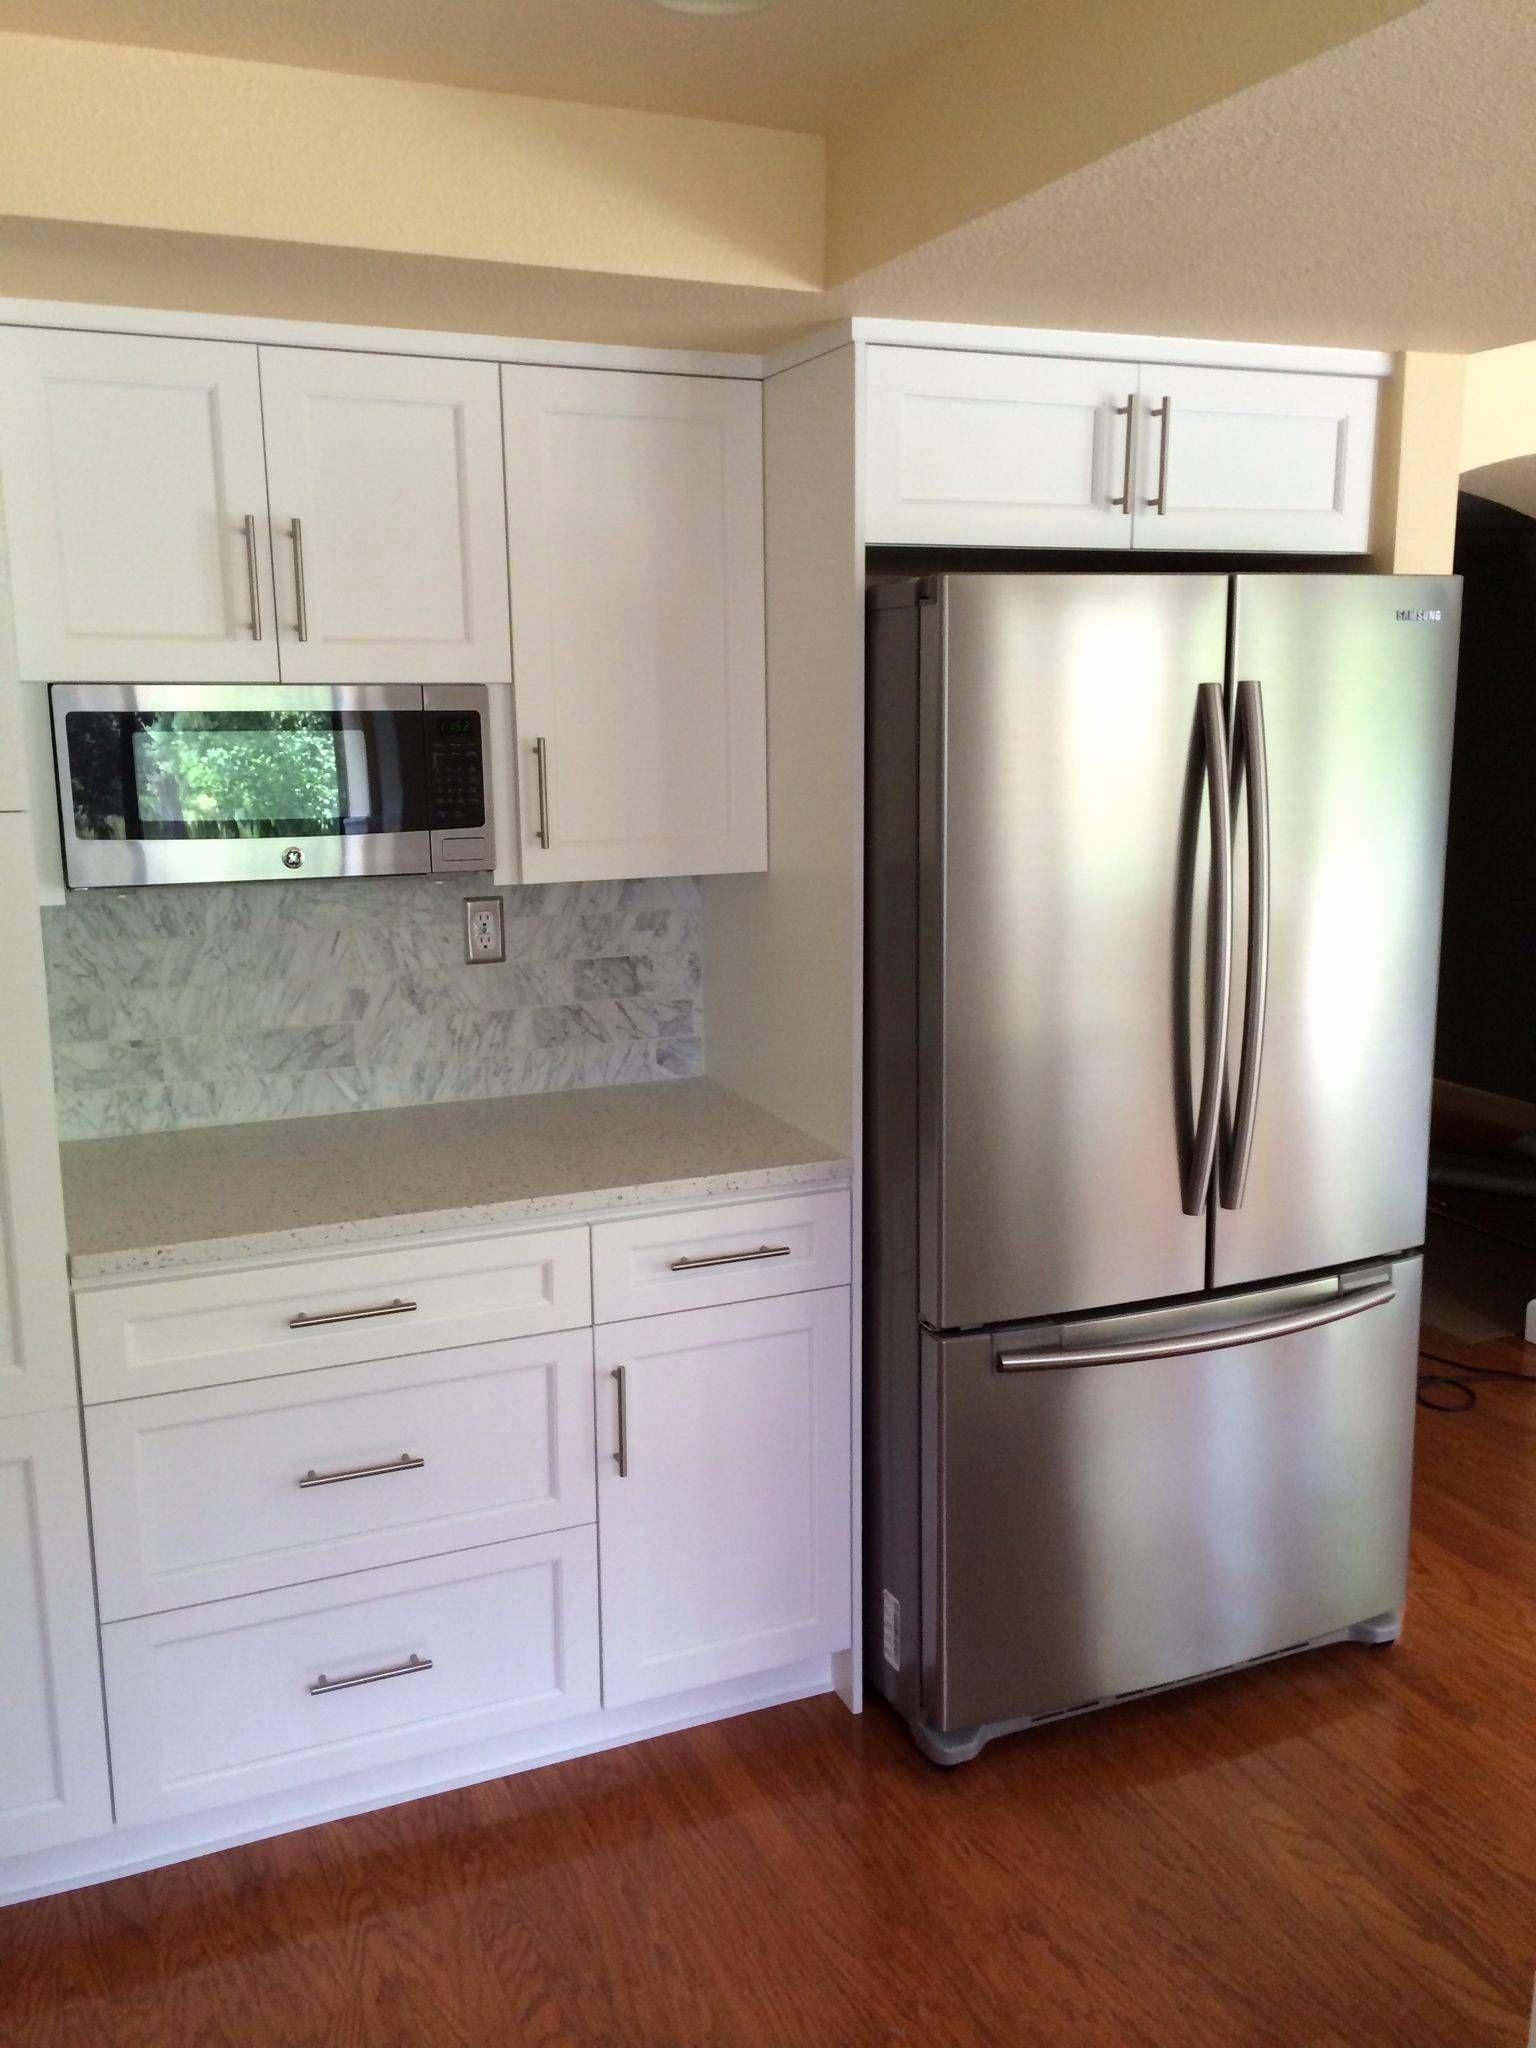 Küche Kabinett hardware minneapolis, mn - Tipps Für die ...